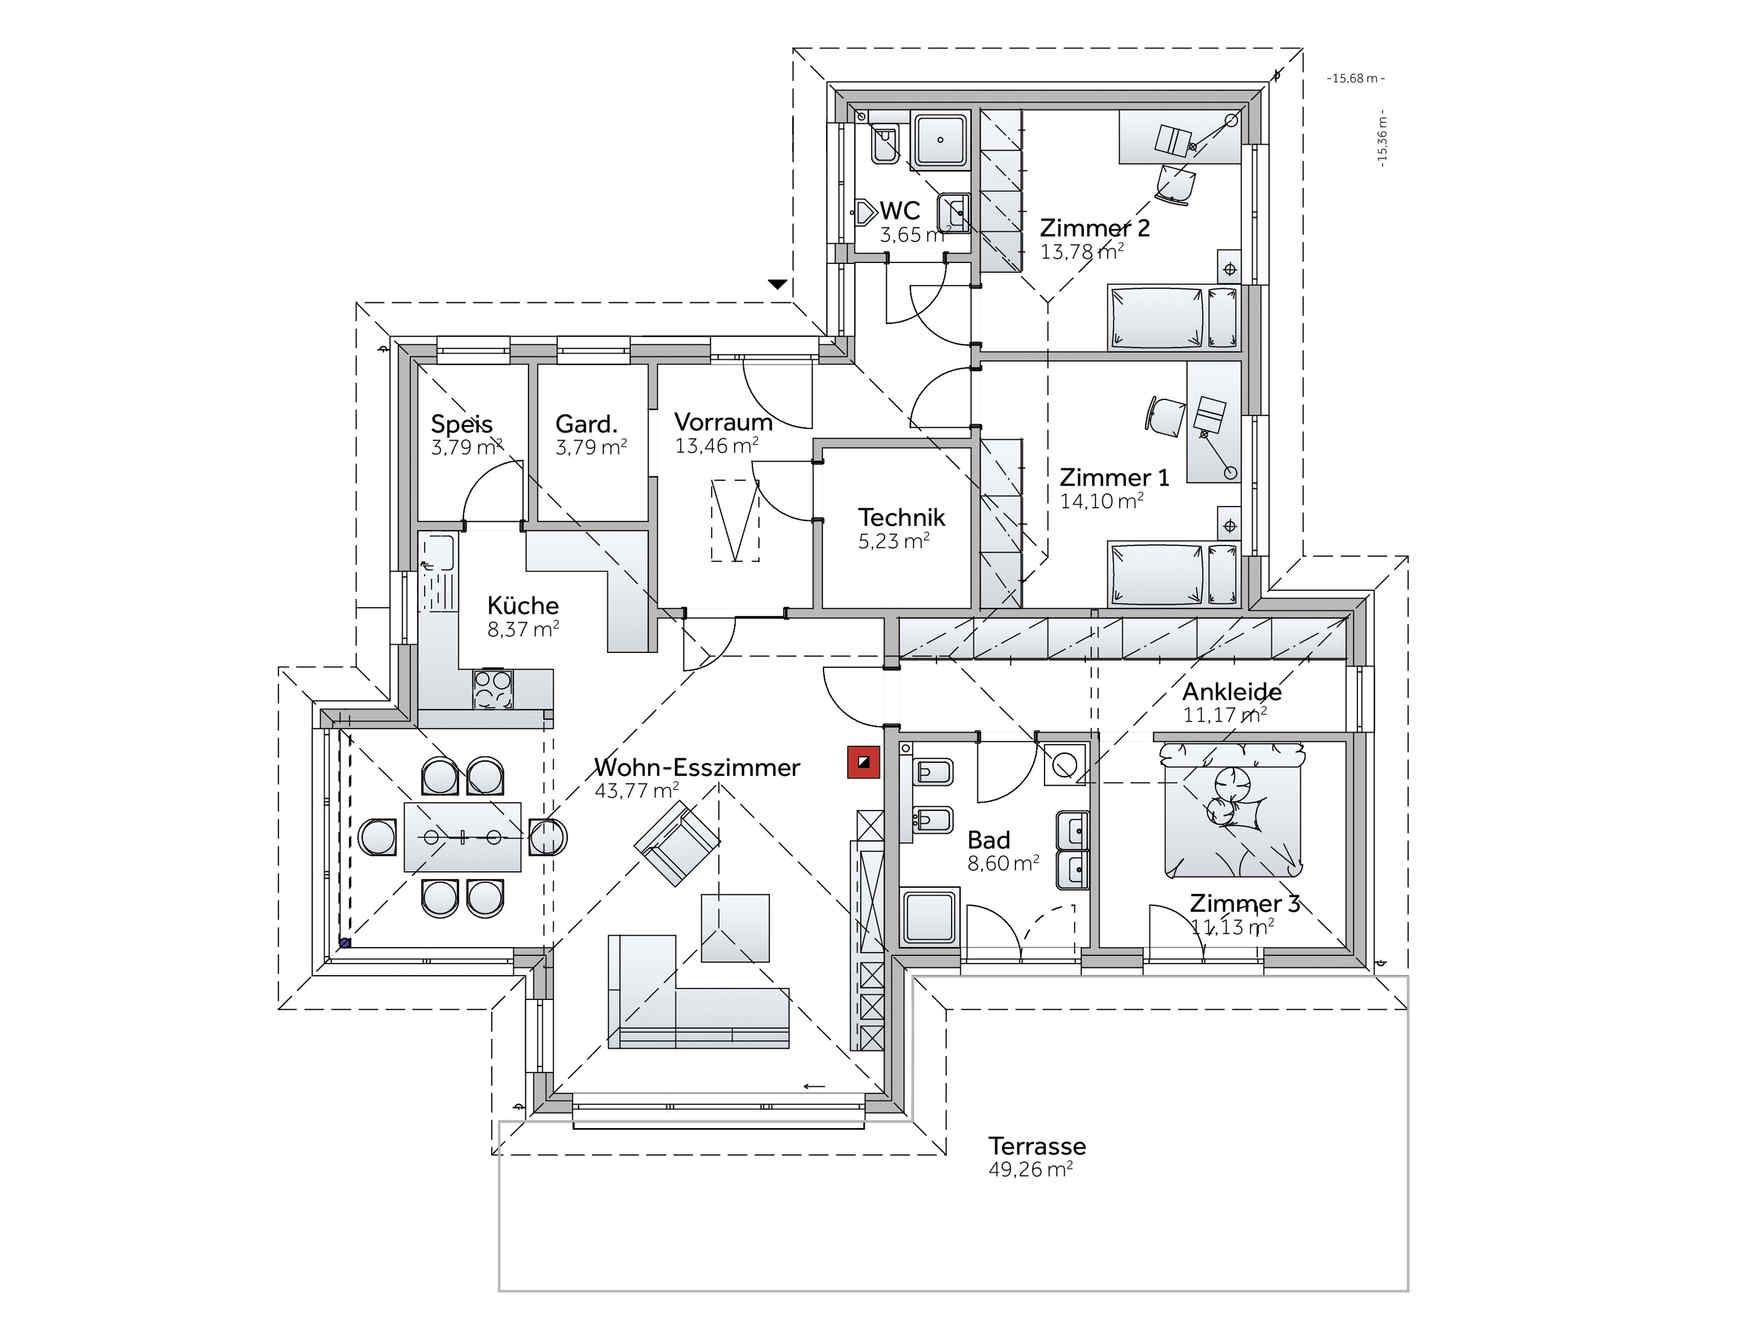 Luxus bungalow mit garage  Fertighaus Bungalow S141 | Bungalow | Pinterest | Fertighaus ...